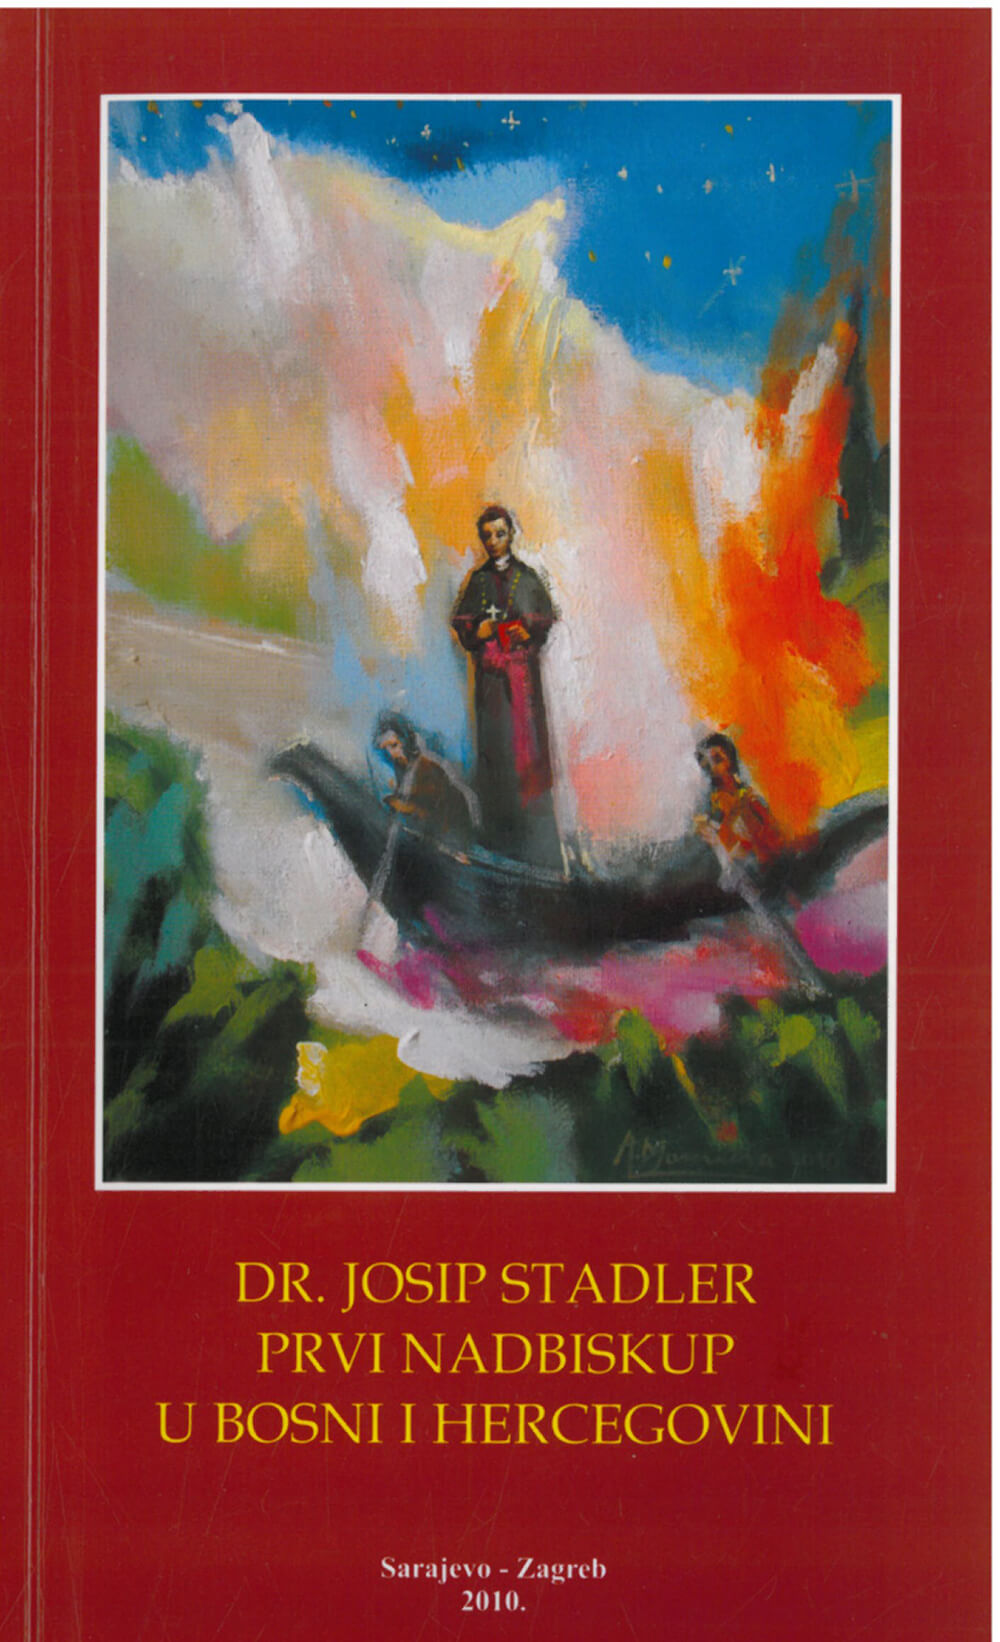 Dr. Josip Stadler, prvi nadbiskup u Bosni i Hercegovini